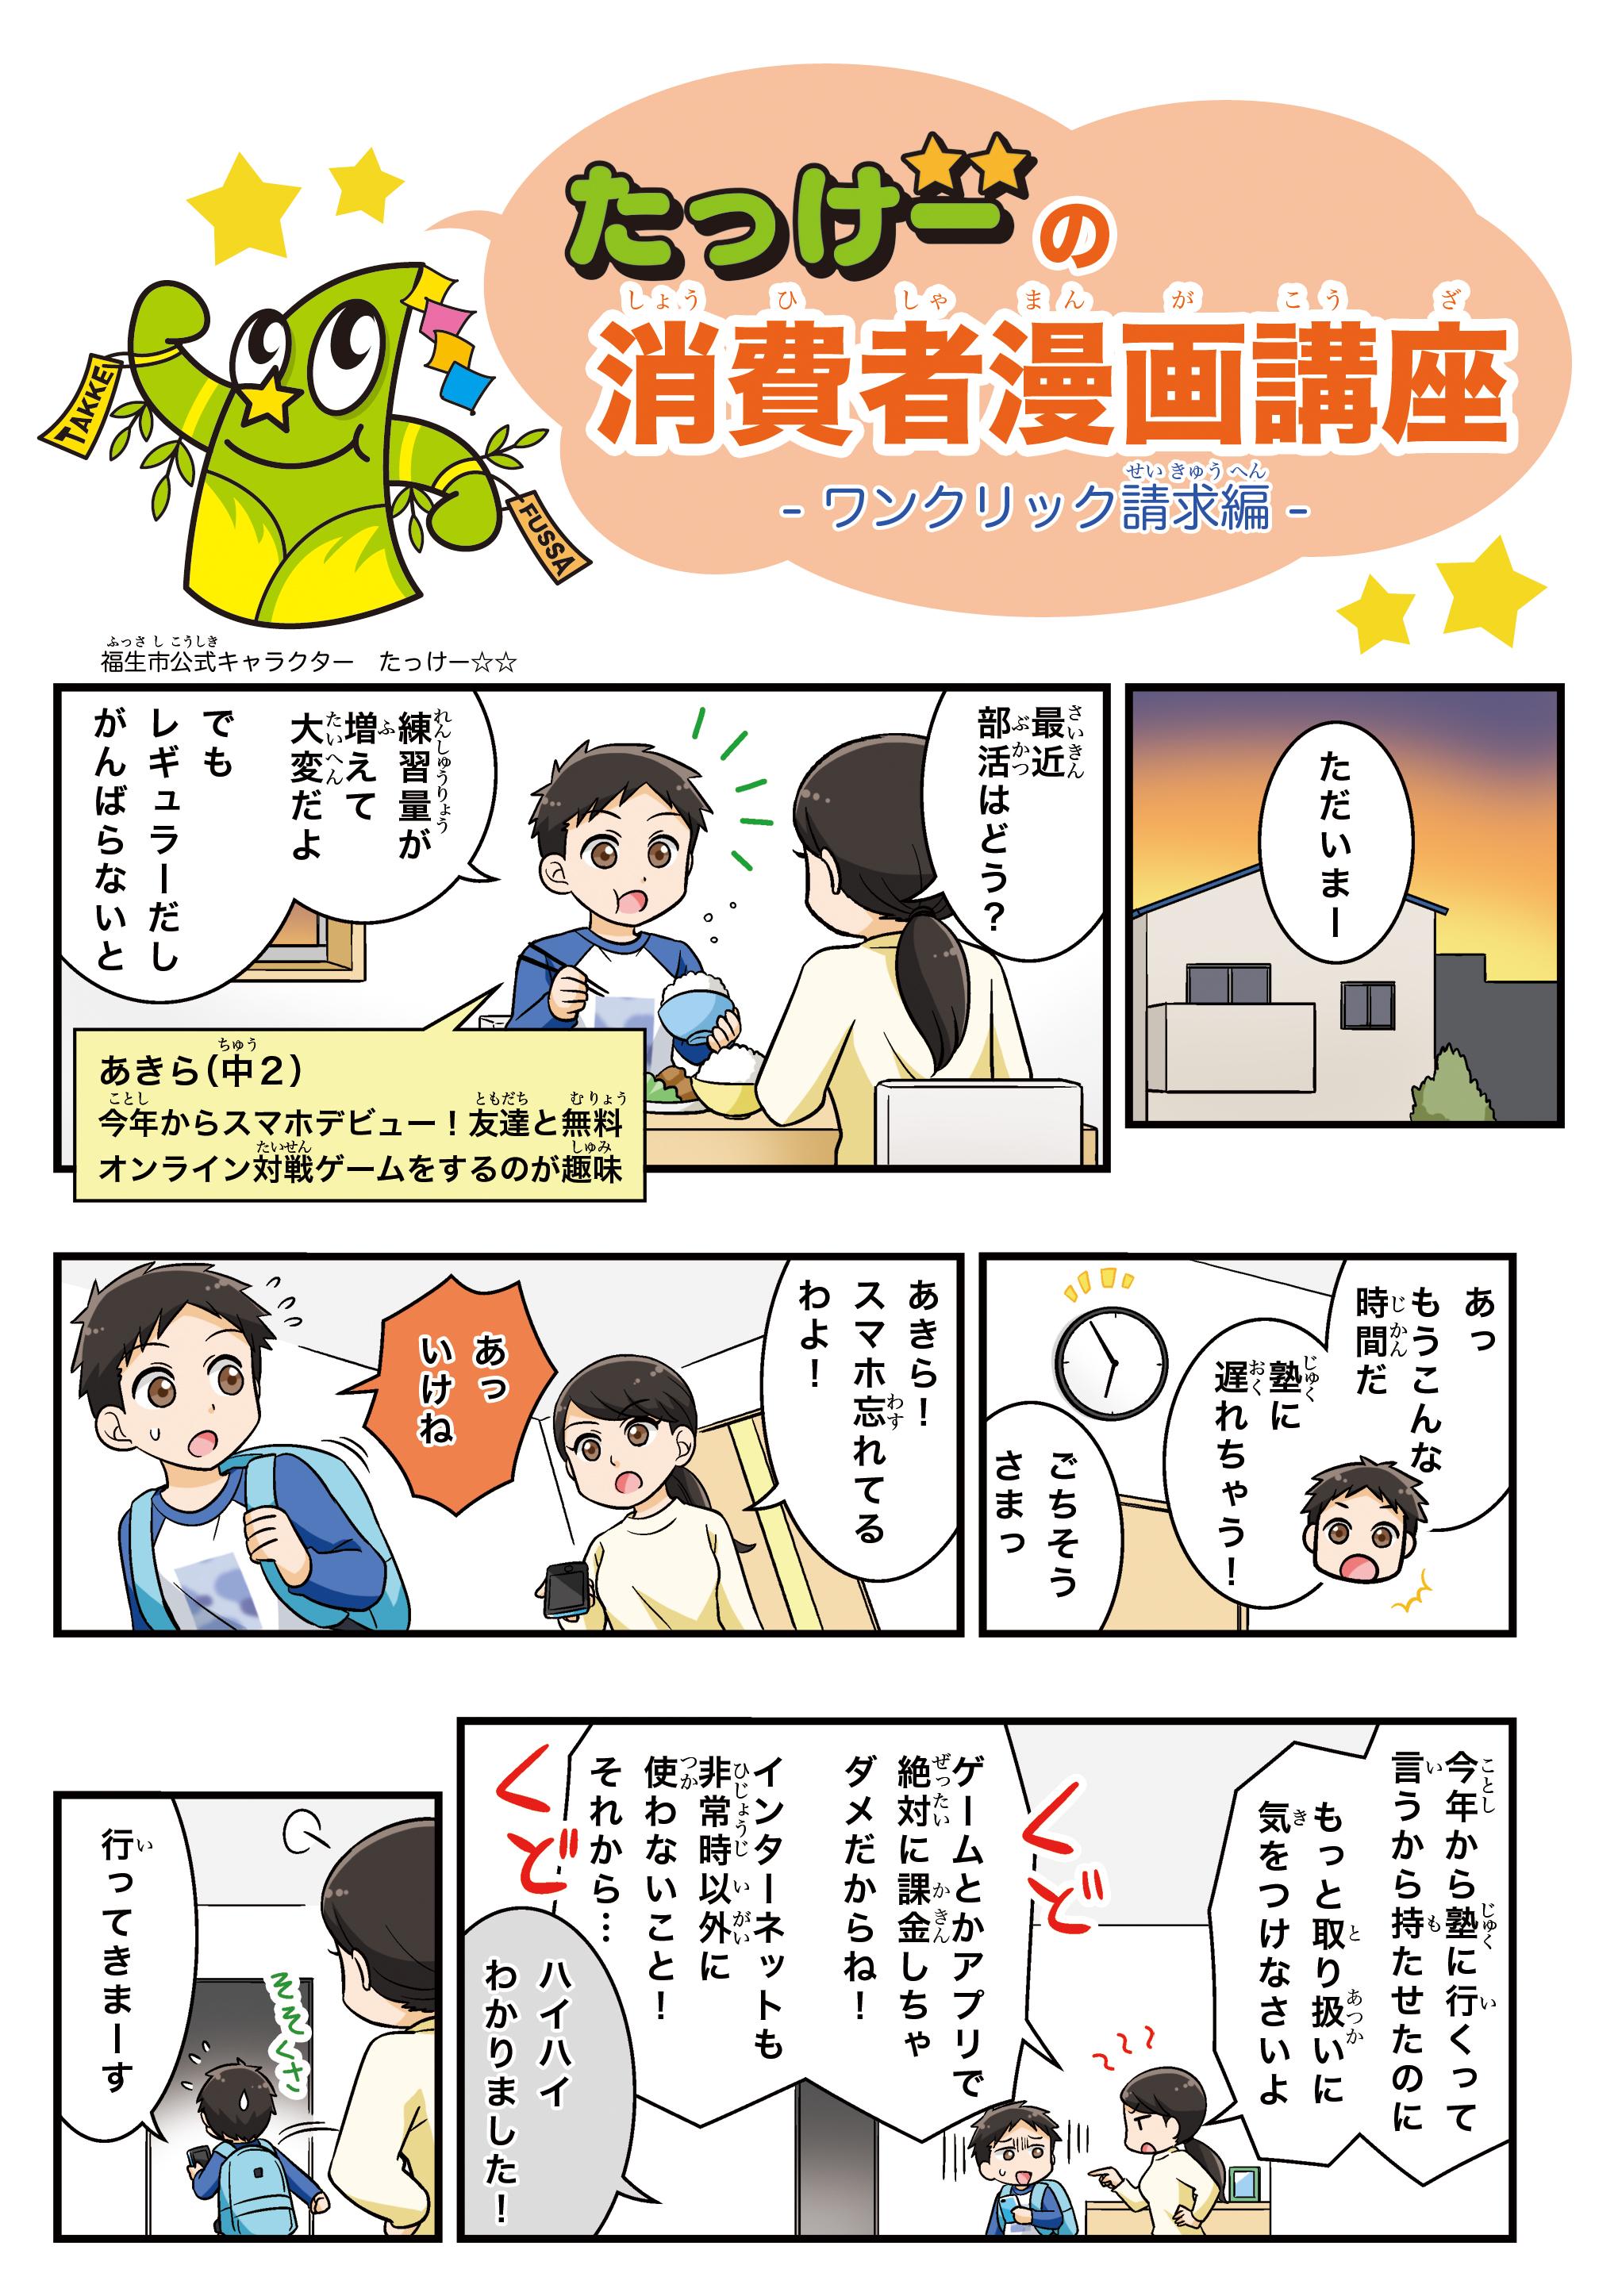 福生市小中学生向け防犯啓蒙漫画[画像1]